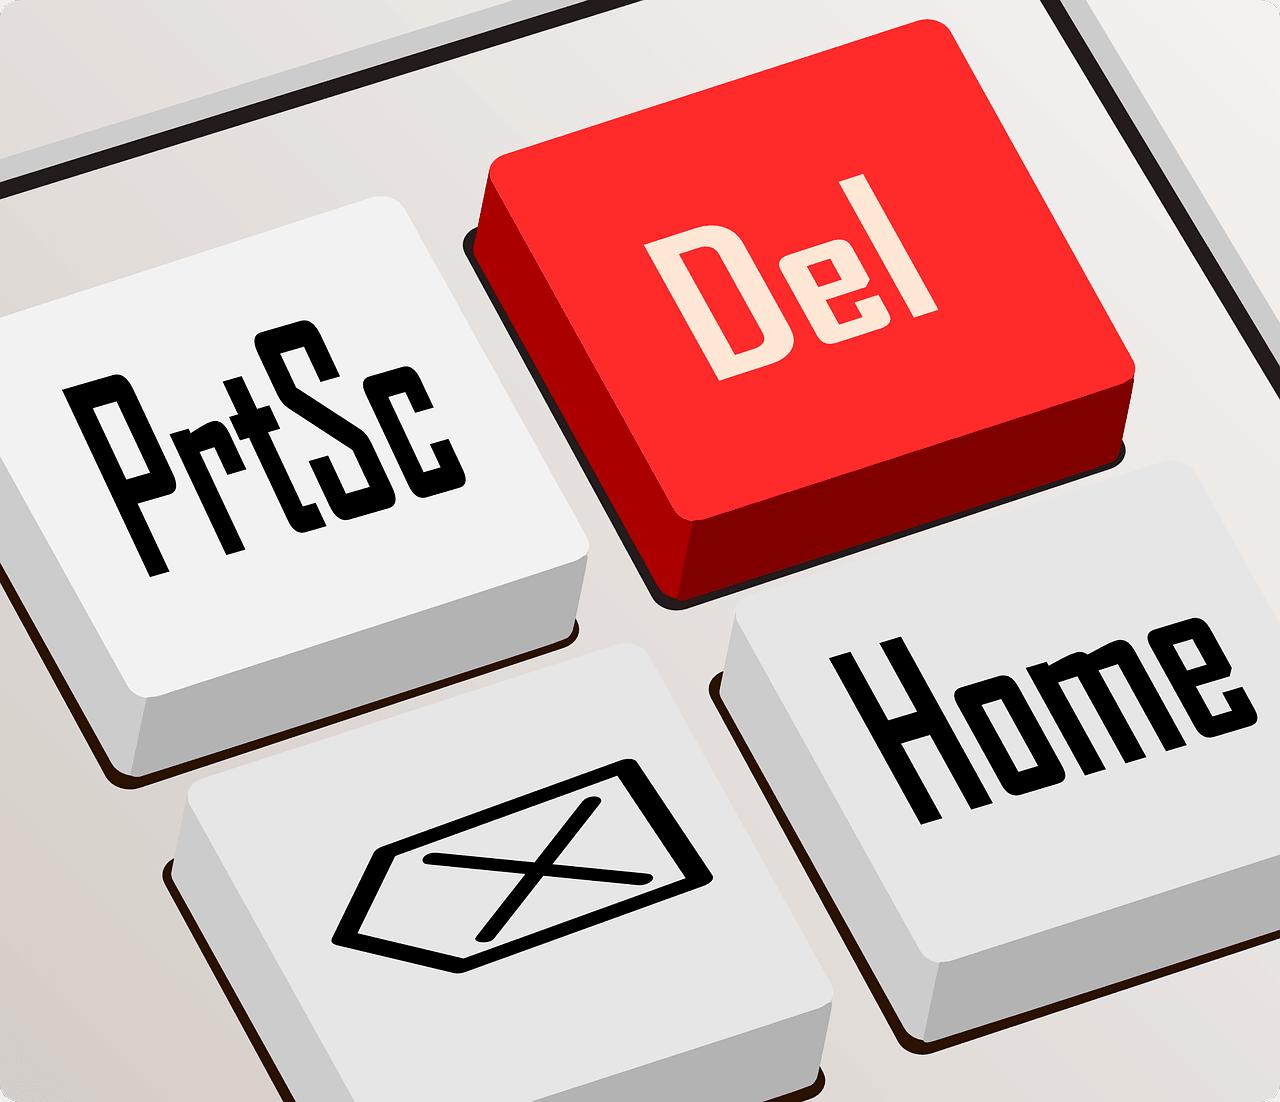 Animierte Tastatur mit roter löschen Taste